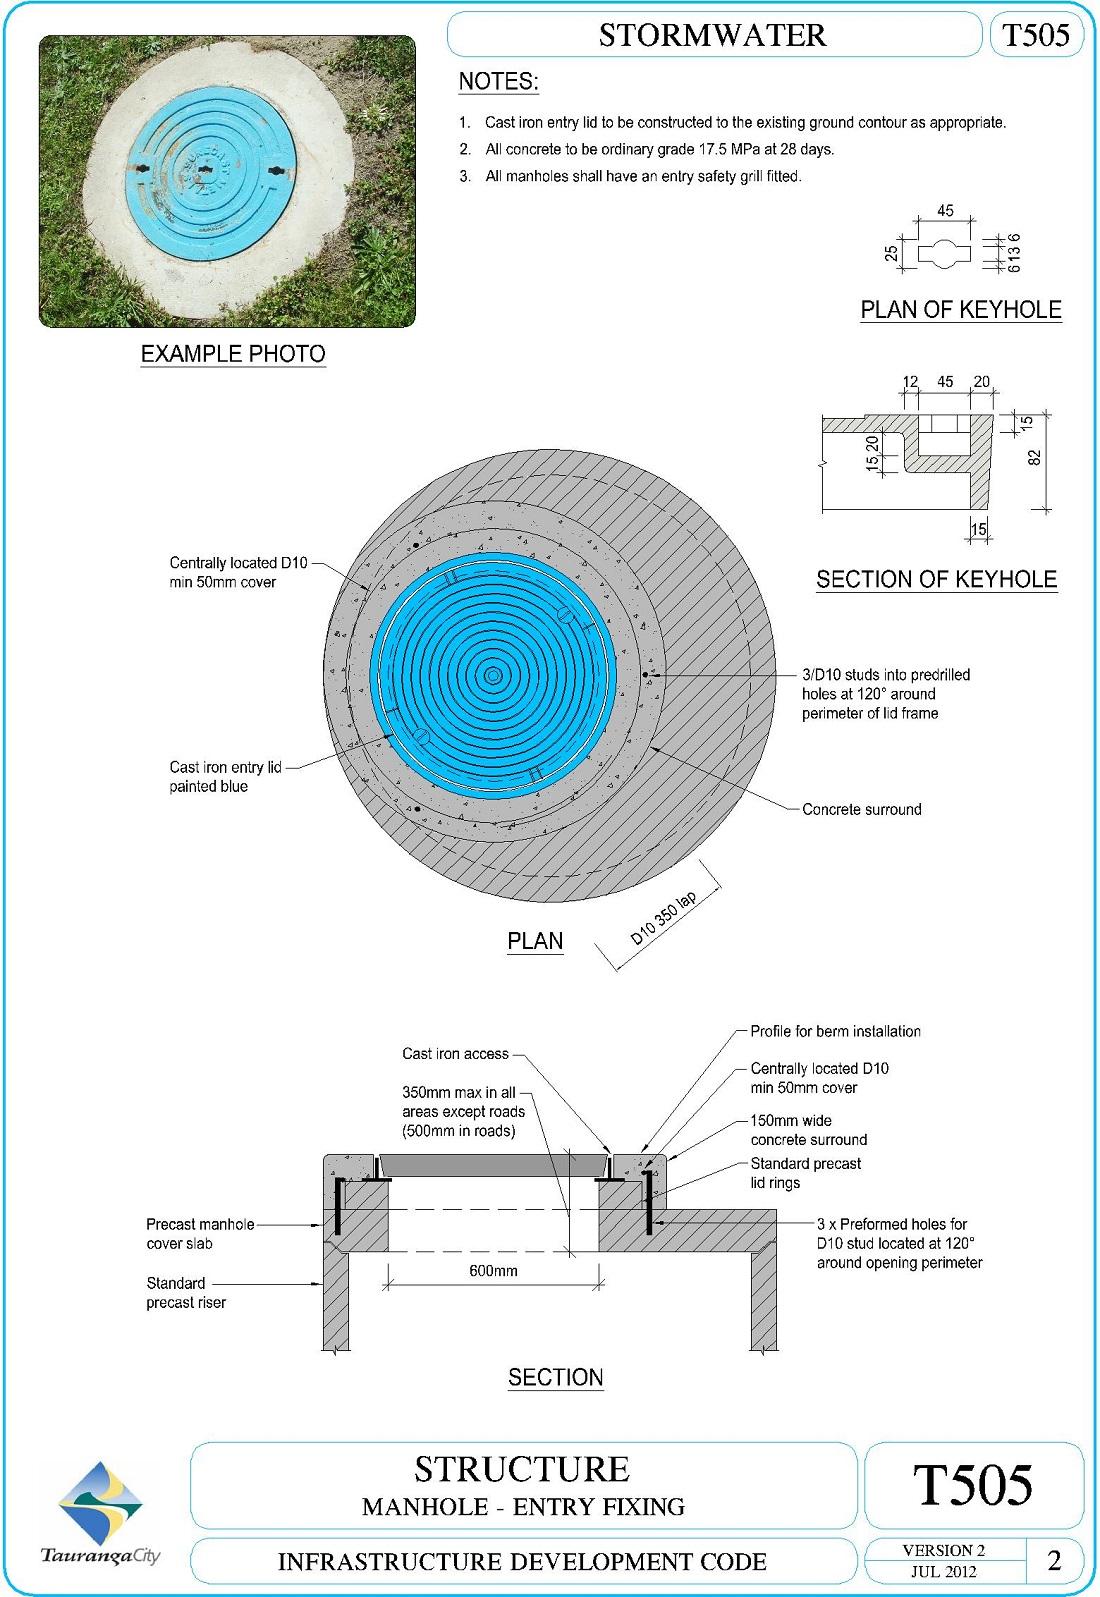 Manhole - Entry Fixing